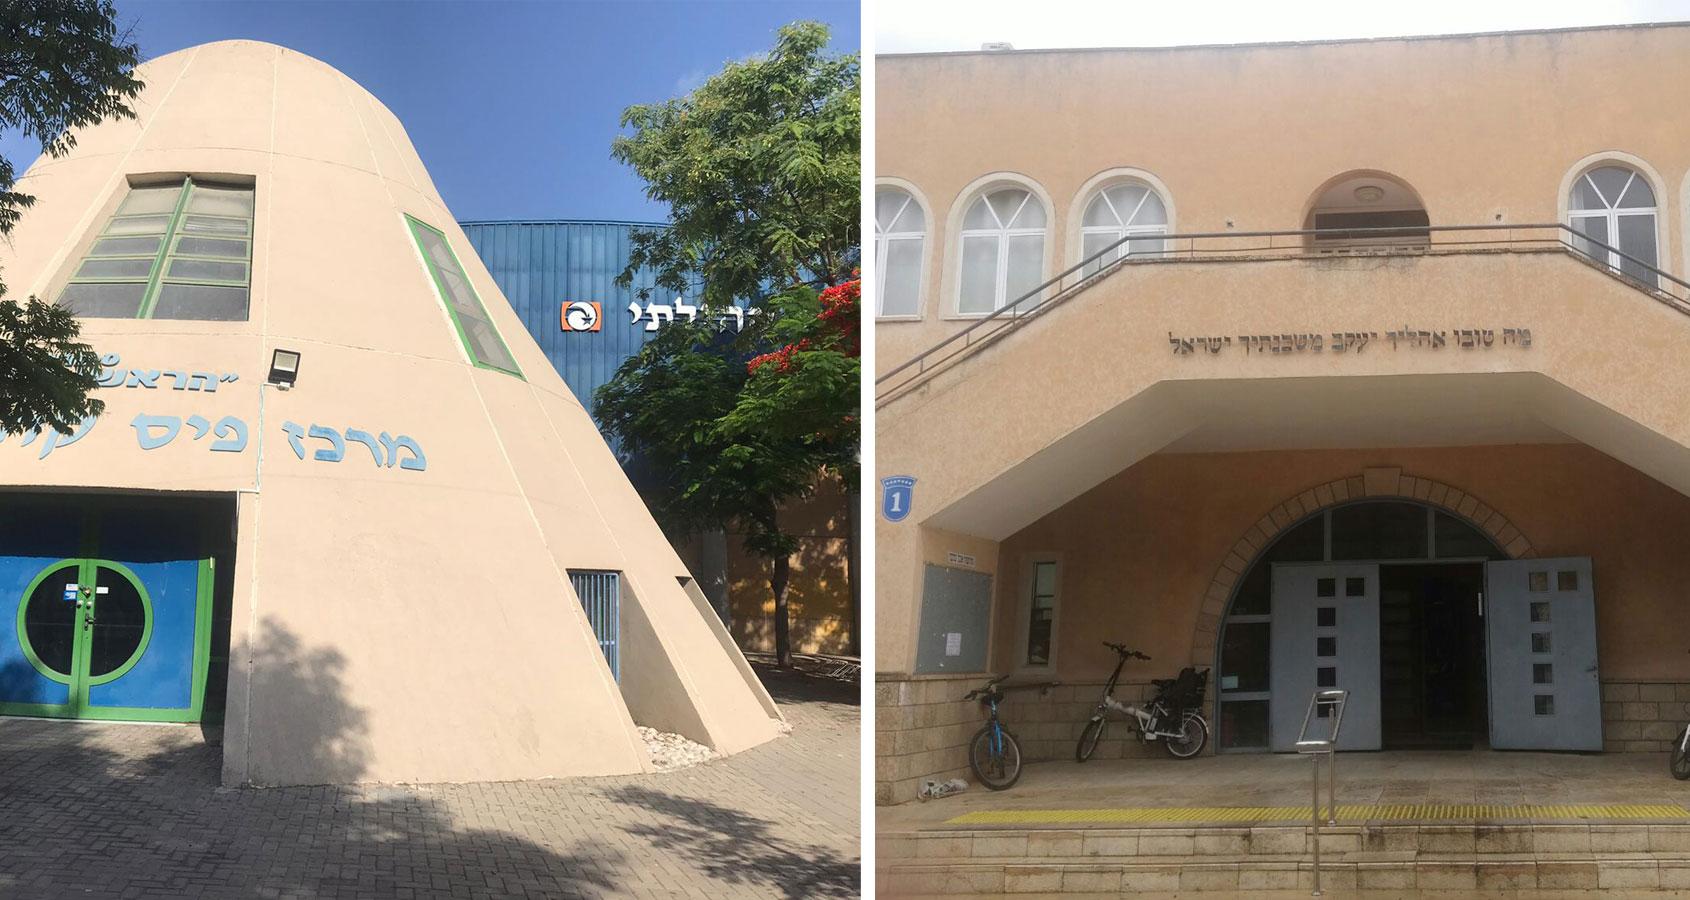 בית הכנסת הגדול (מימין) ואולם הספורט בתיכון הראשונים